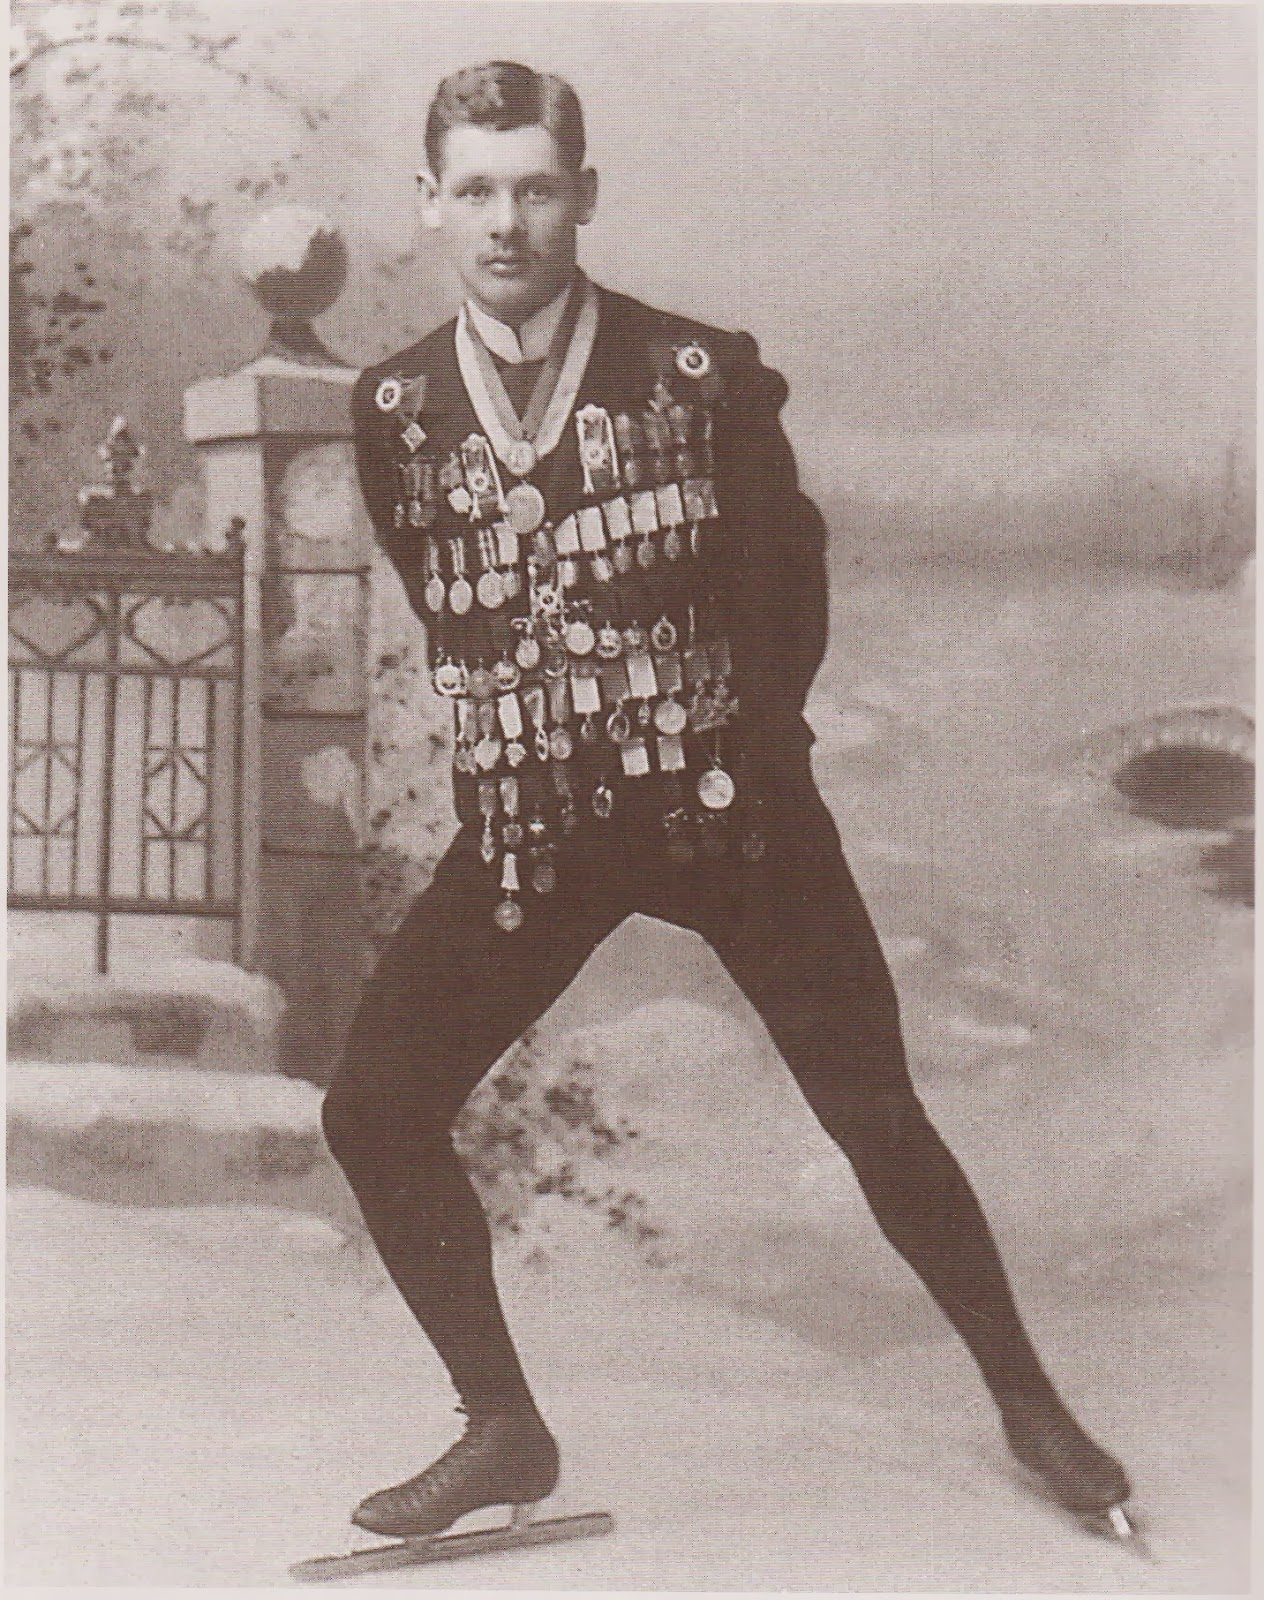 Martti Pihkala